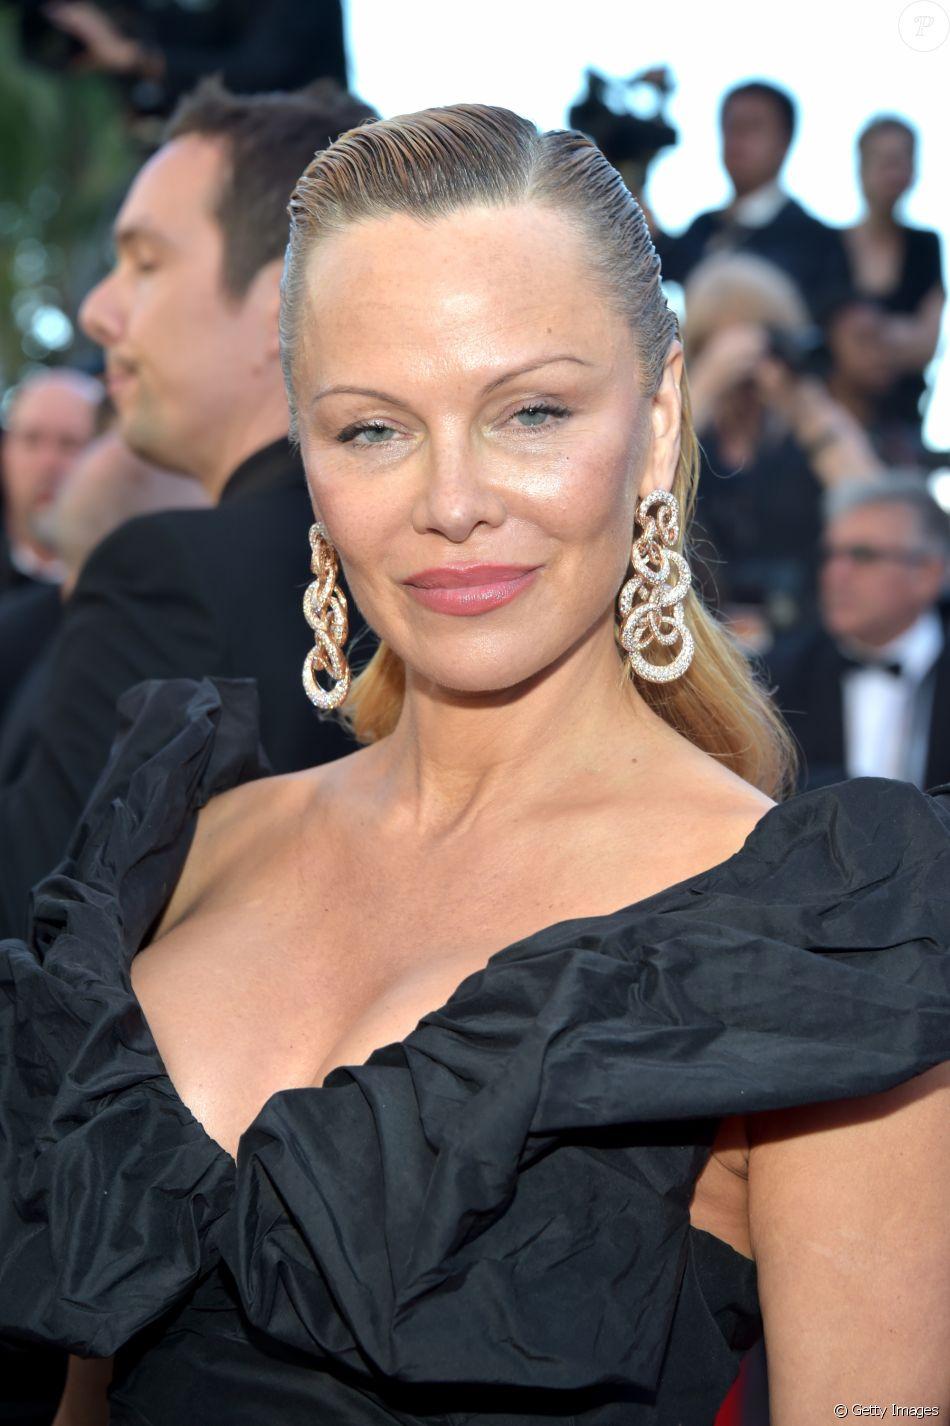 Pamela Anderson usou penteado com efeito molhado para cruzar o tapete vermelho do Festival de Cannes no último sábado, 20 de maio de 2017